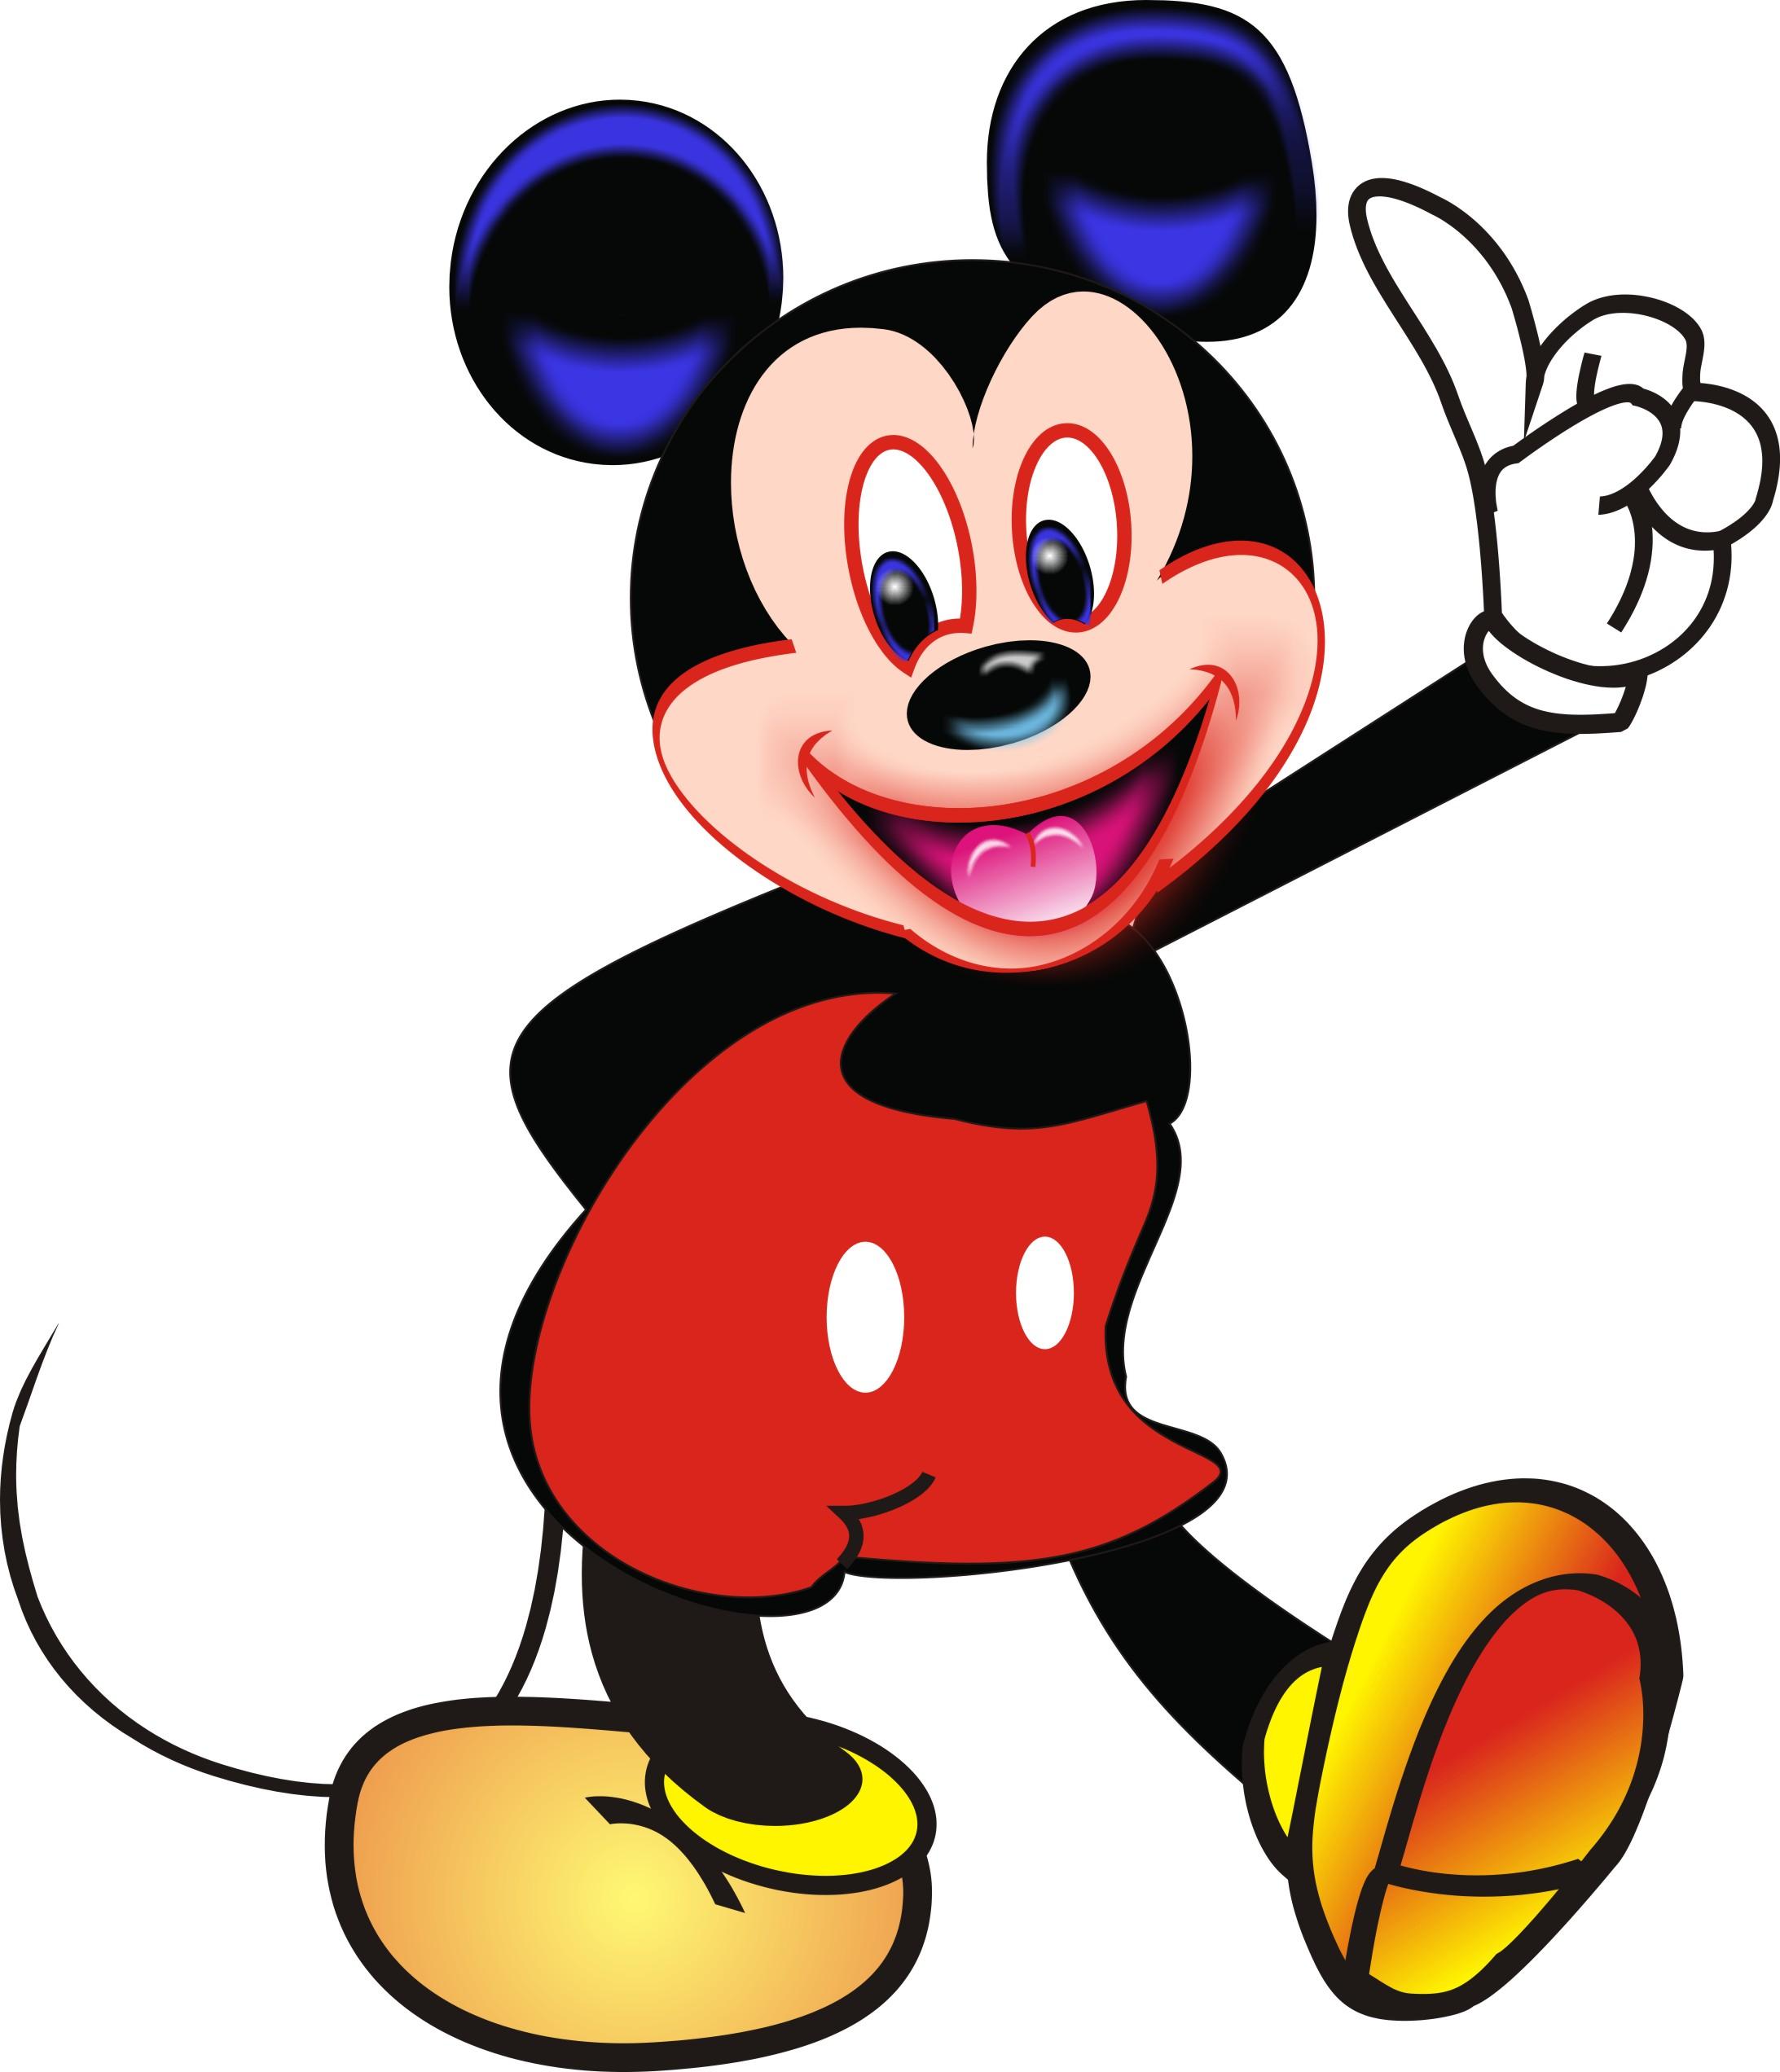 米奇老鼠图片大全米奇老鼠图片 米奇老鼠简笔画